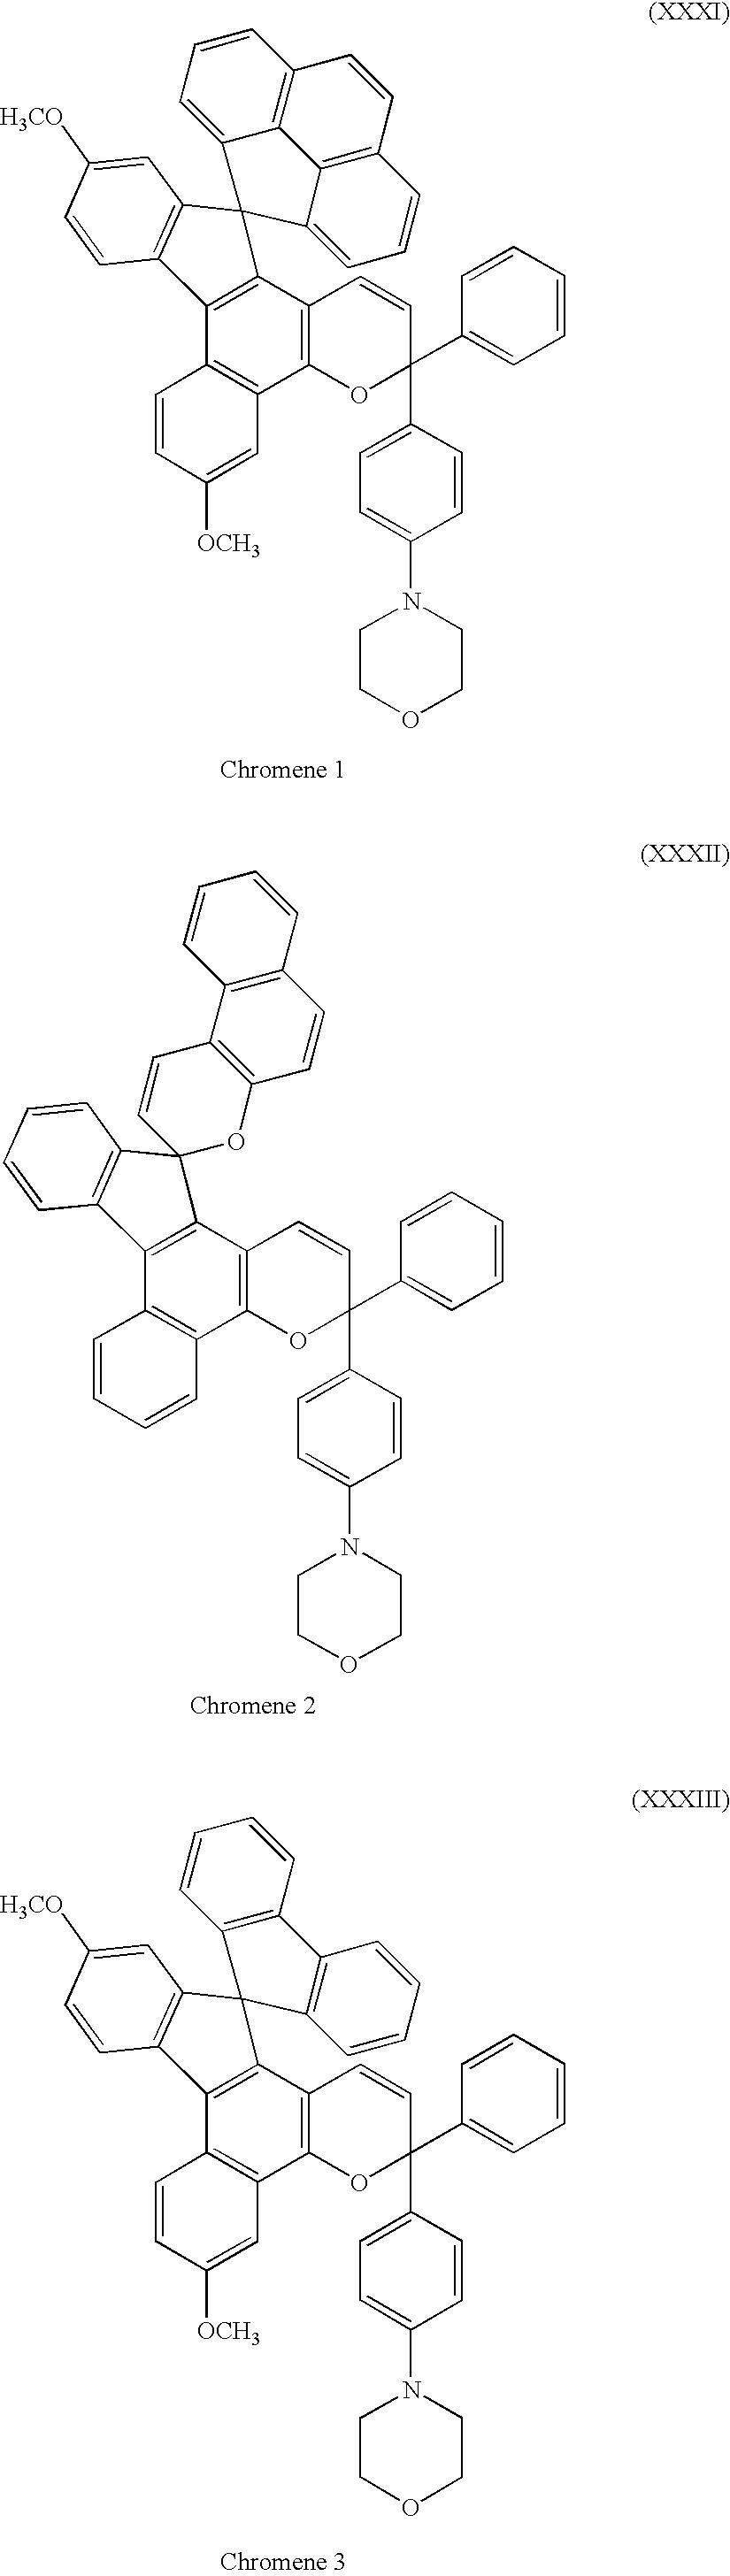 Figure US20030008958A1-20030109-C00032